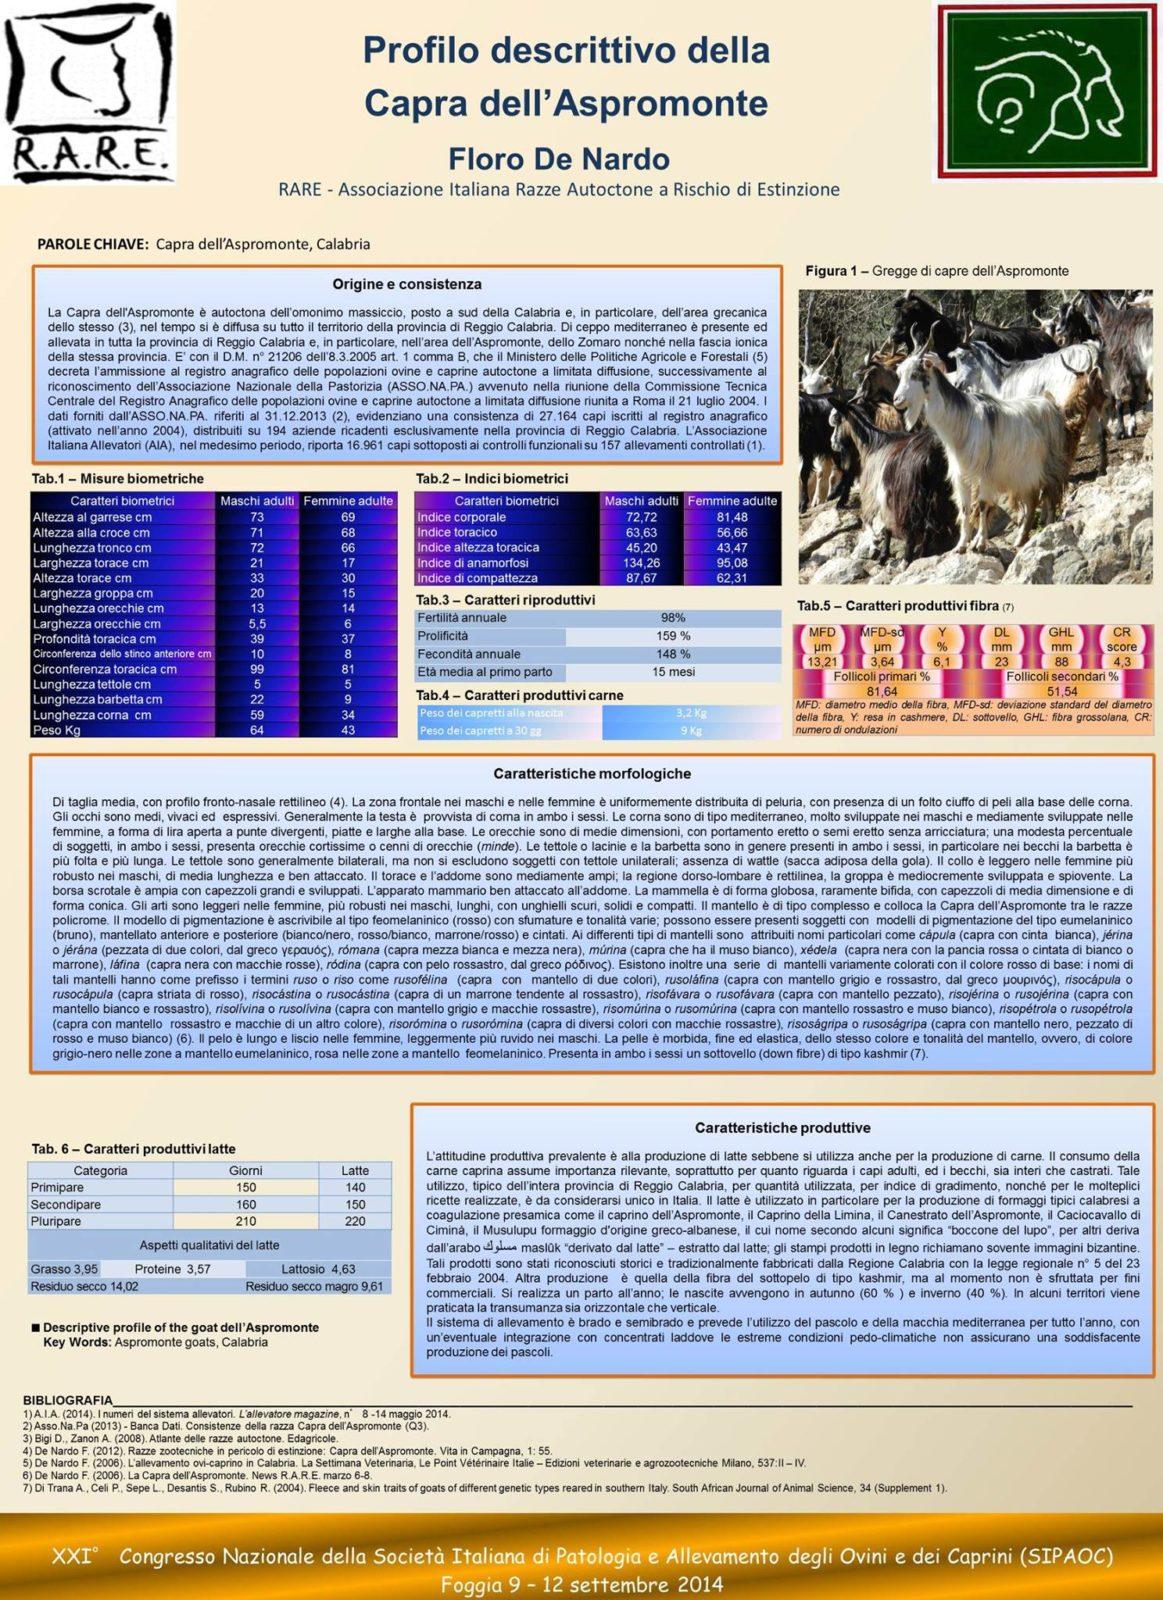 La scheda sulla Capra dell'Aspromonte, curata dal Dottor Floro De Nardo, uno dei massimi esperti di razza (cliccare per ingrandire)